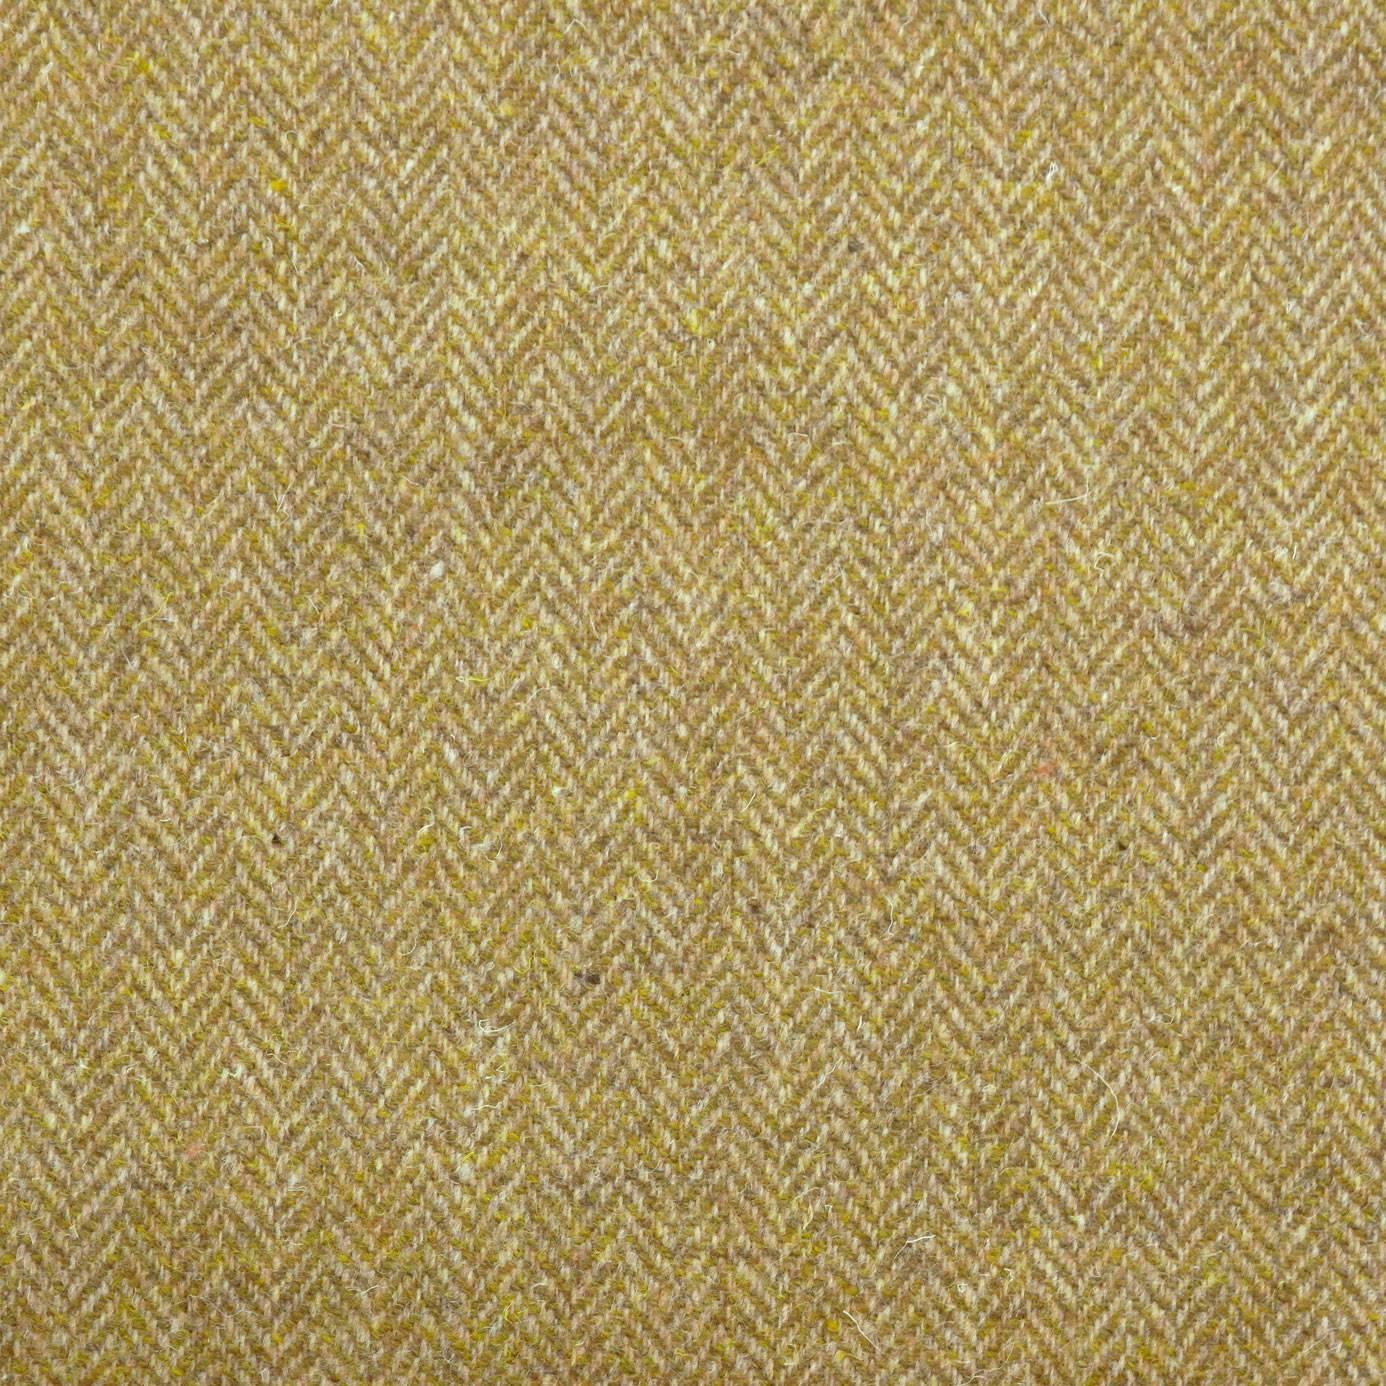 Herringbone Fabric Winter Wheat Herringbonewinterwheat